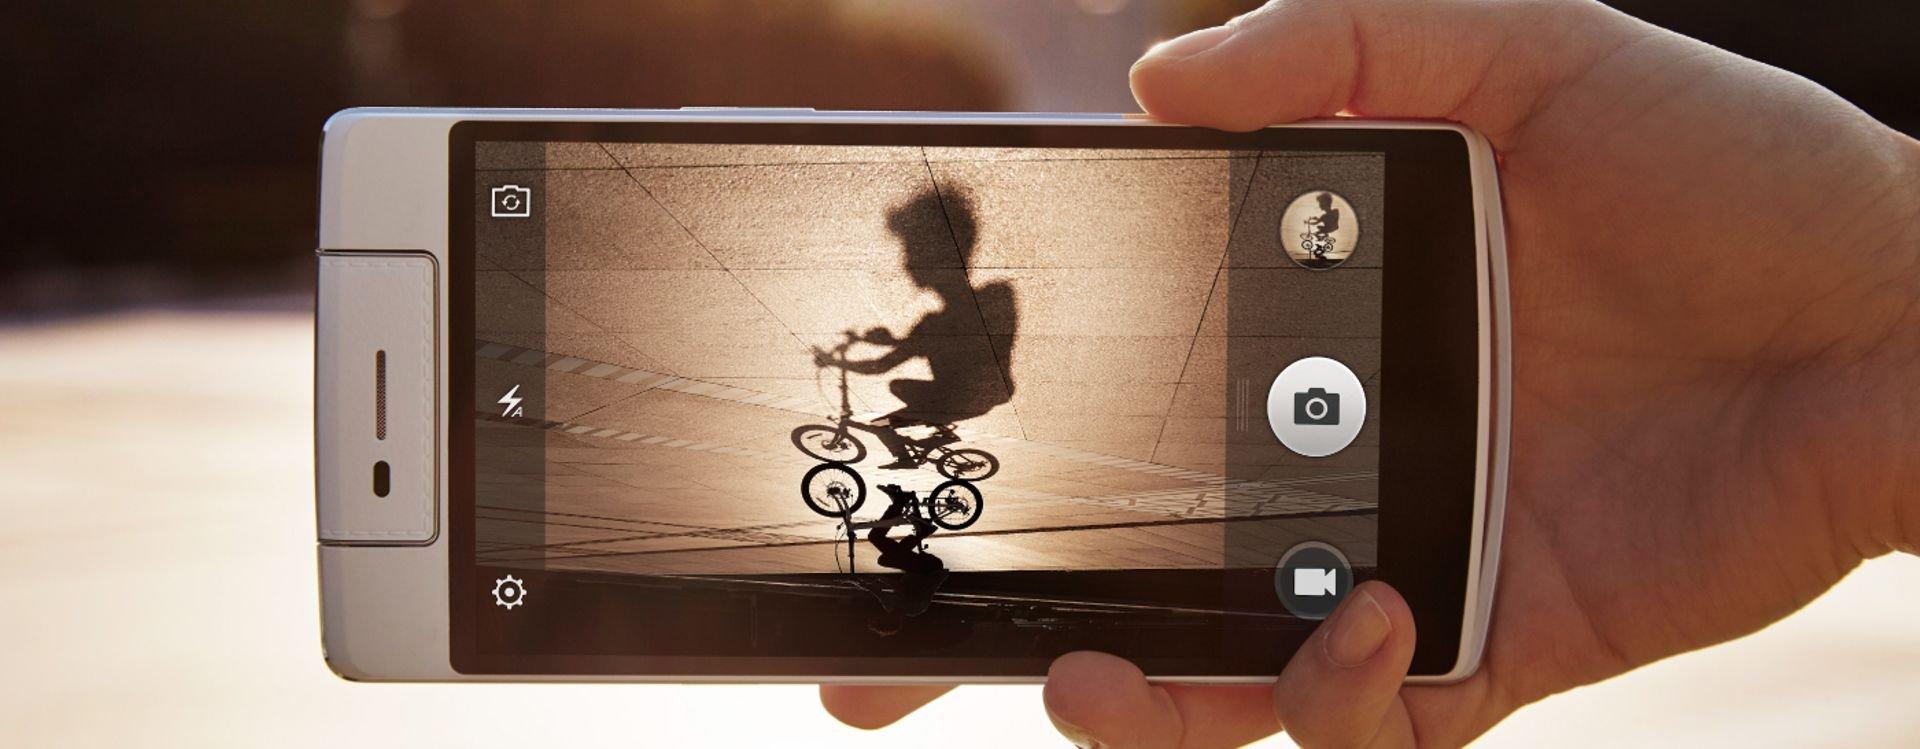 أفضل الهواتف الذكية من حيث الكاميرا